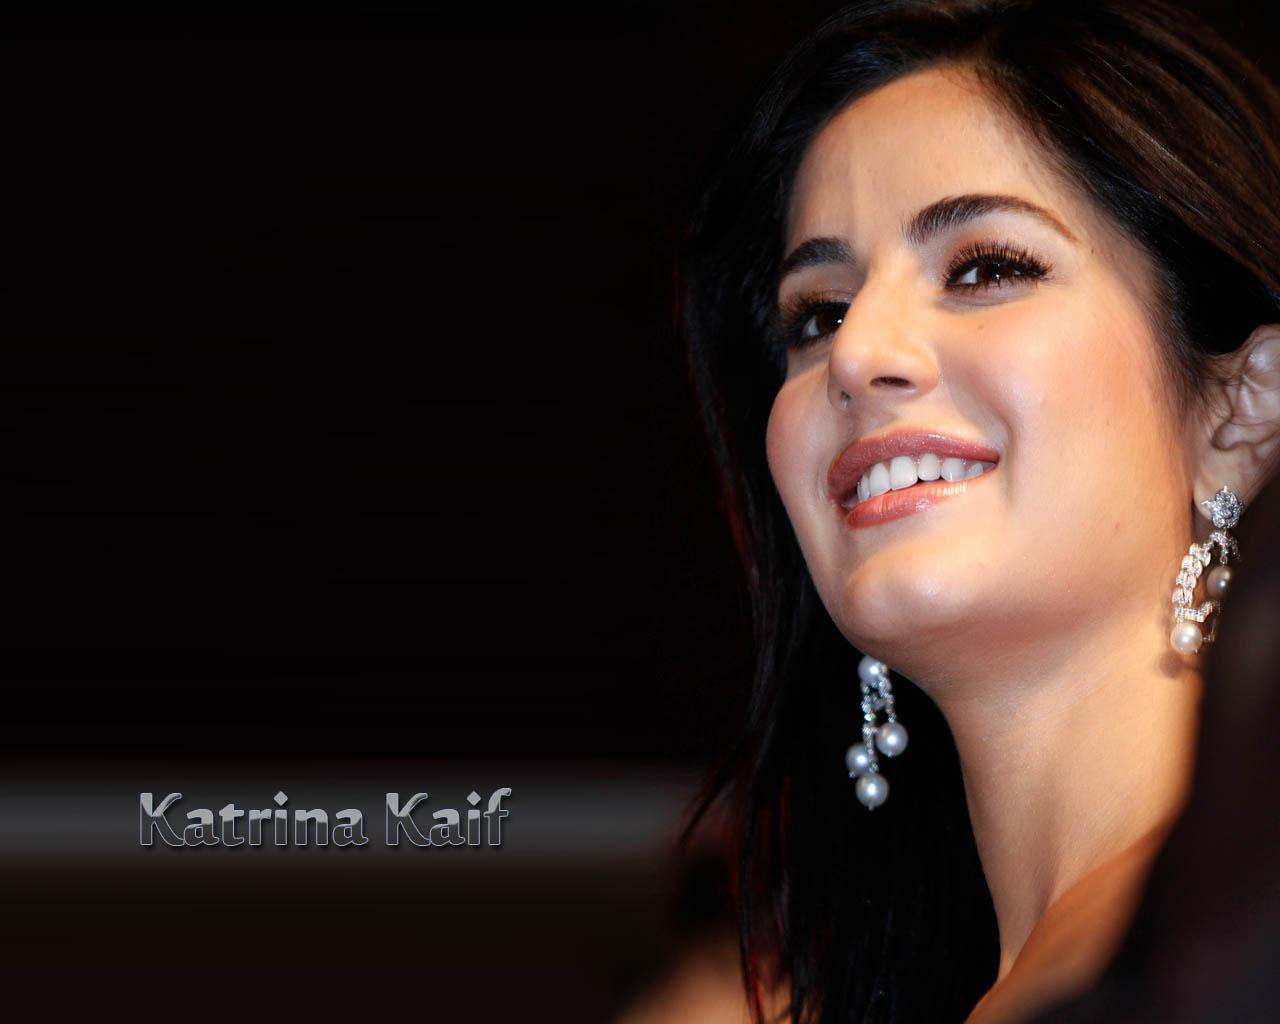 Katrina kaif sexy new